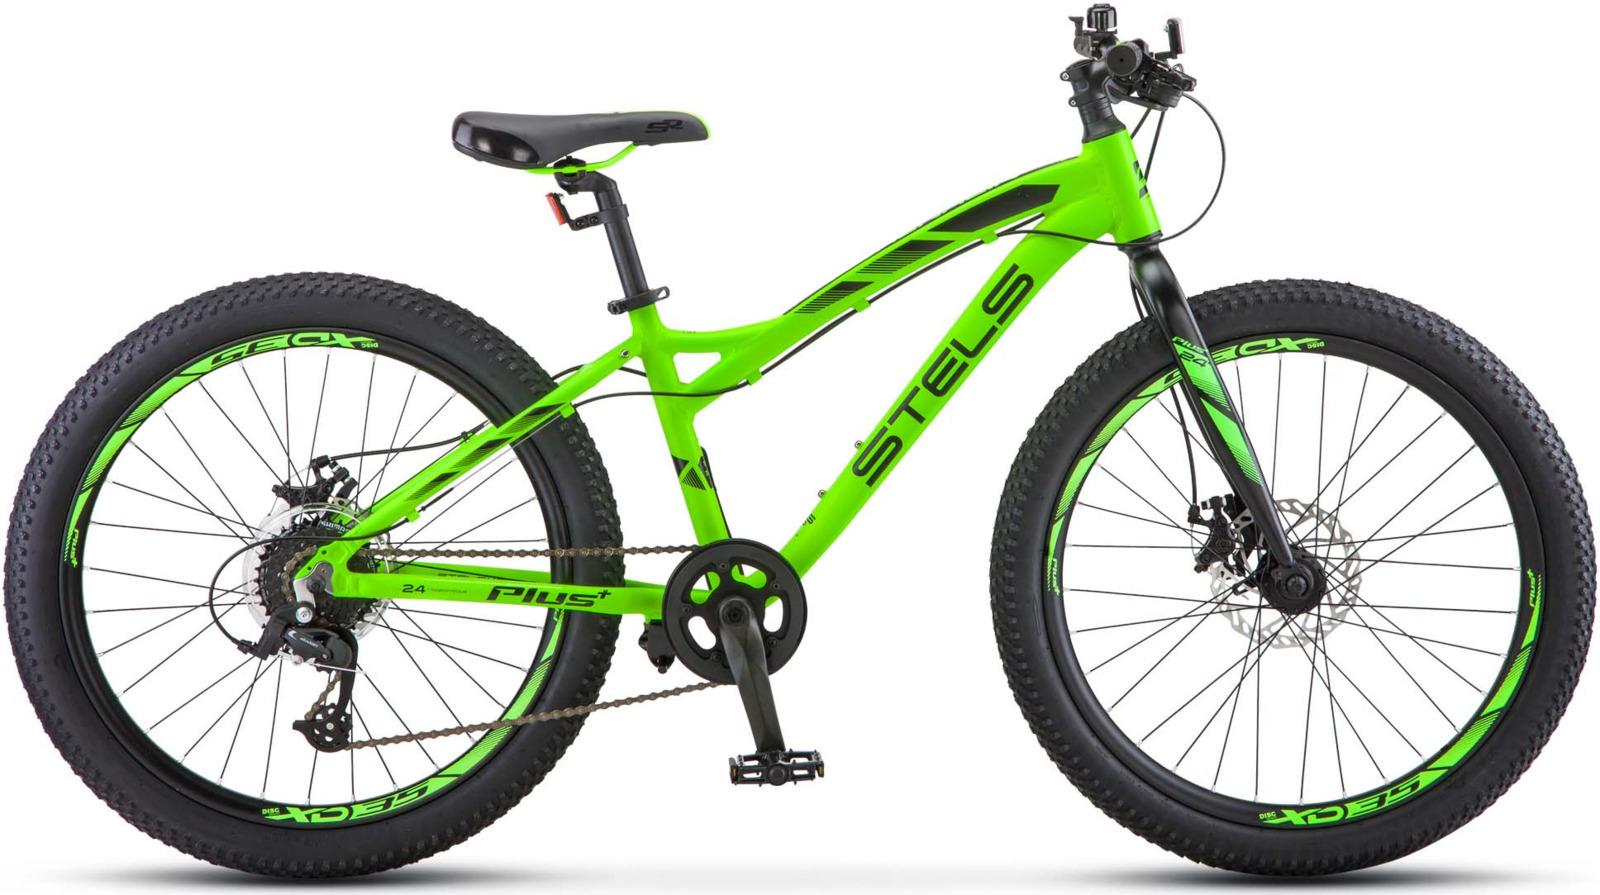 цена на Велосипед Stels Adrenalin MD 13,5, KUBC0049082018, светло-зеленый